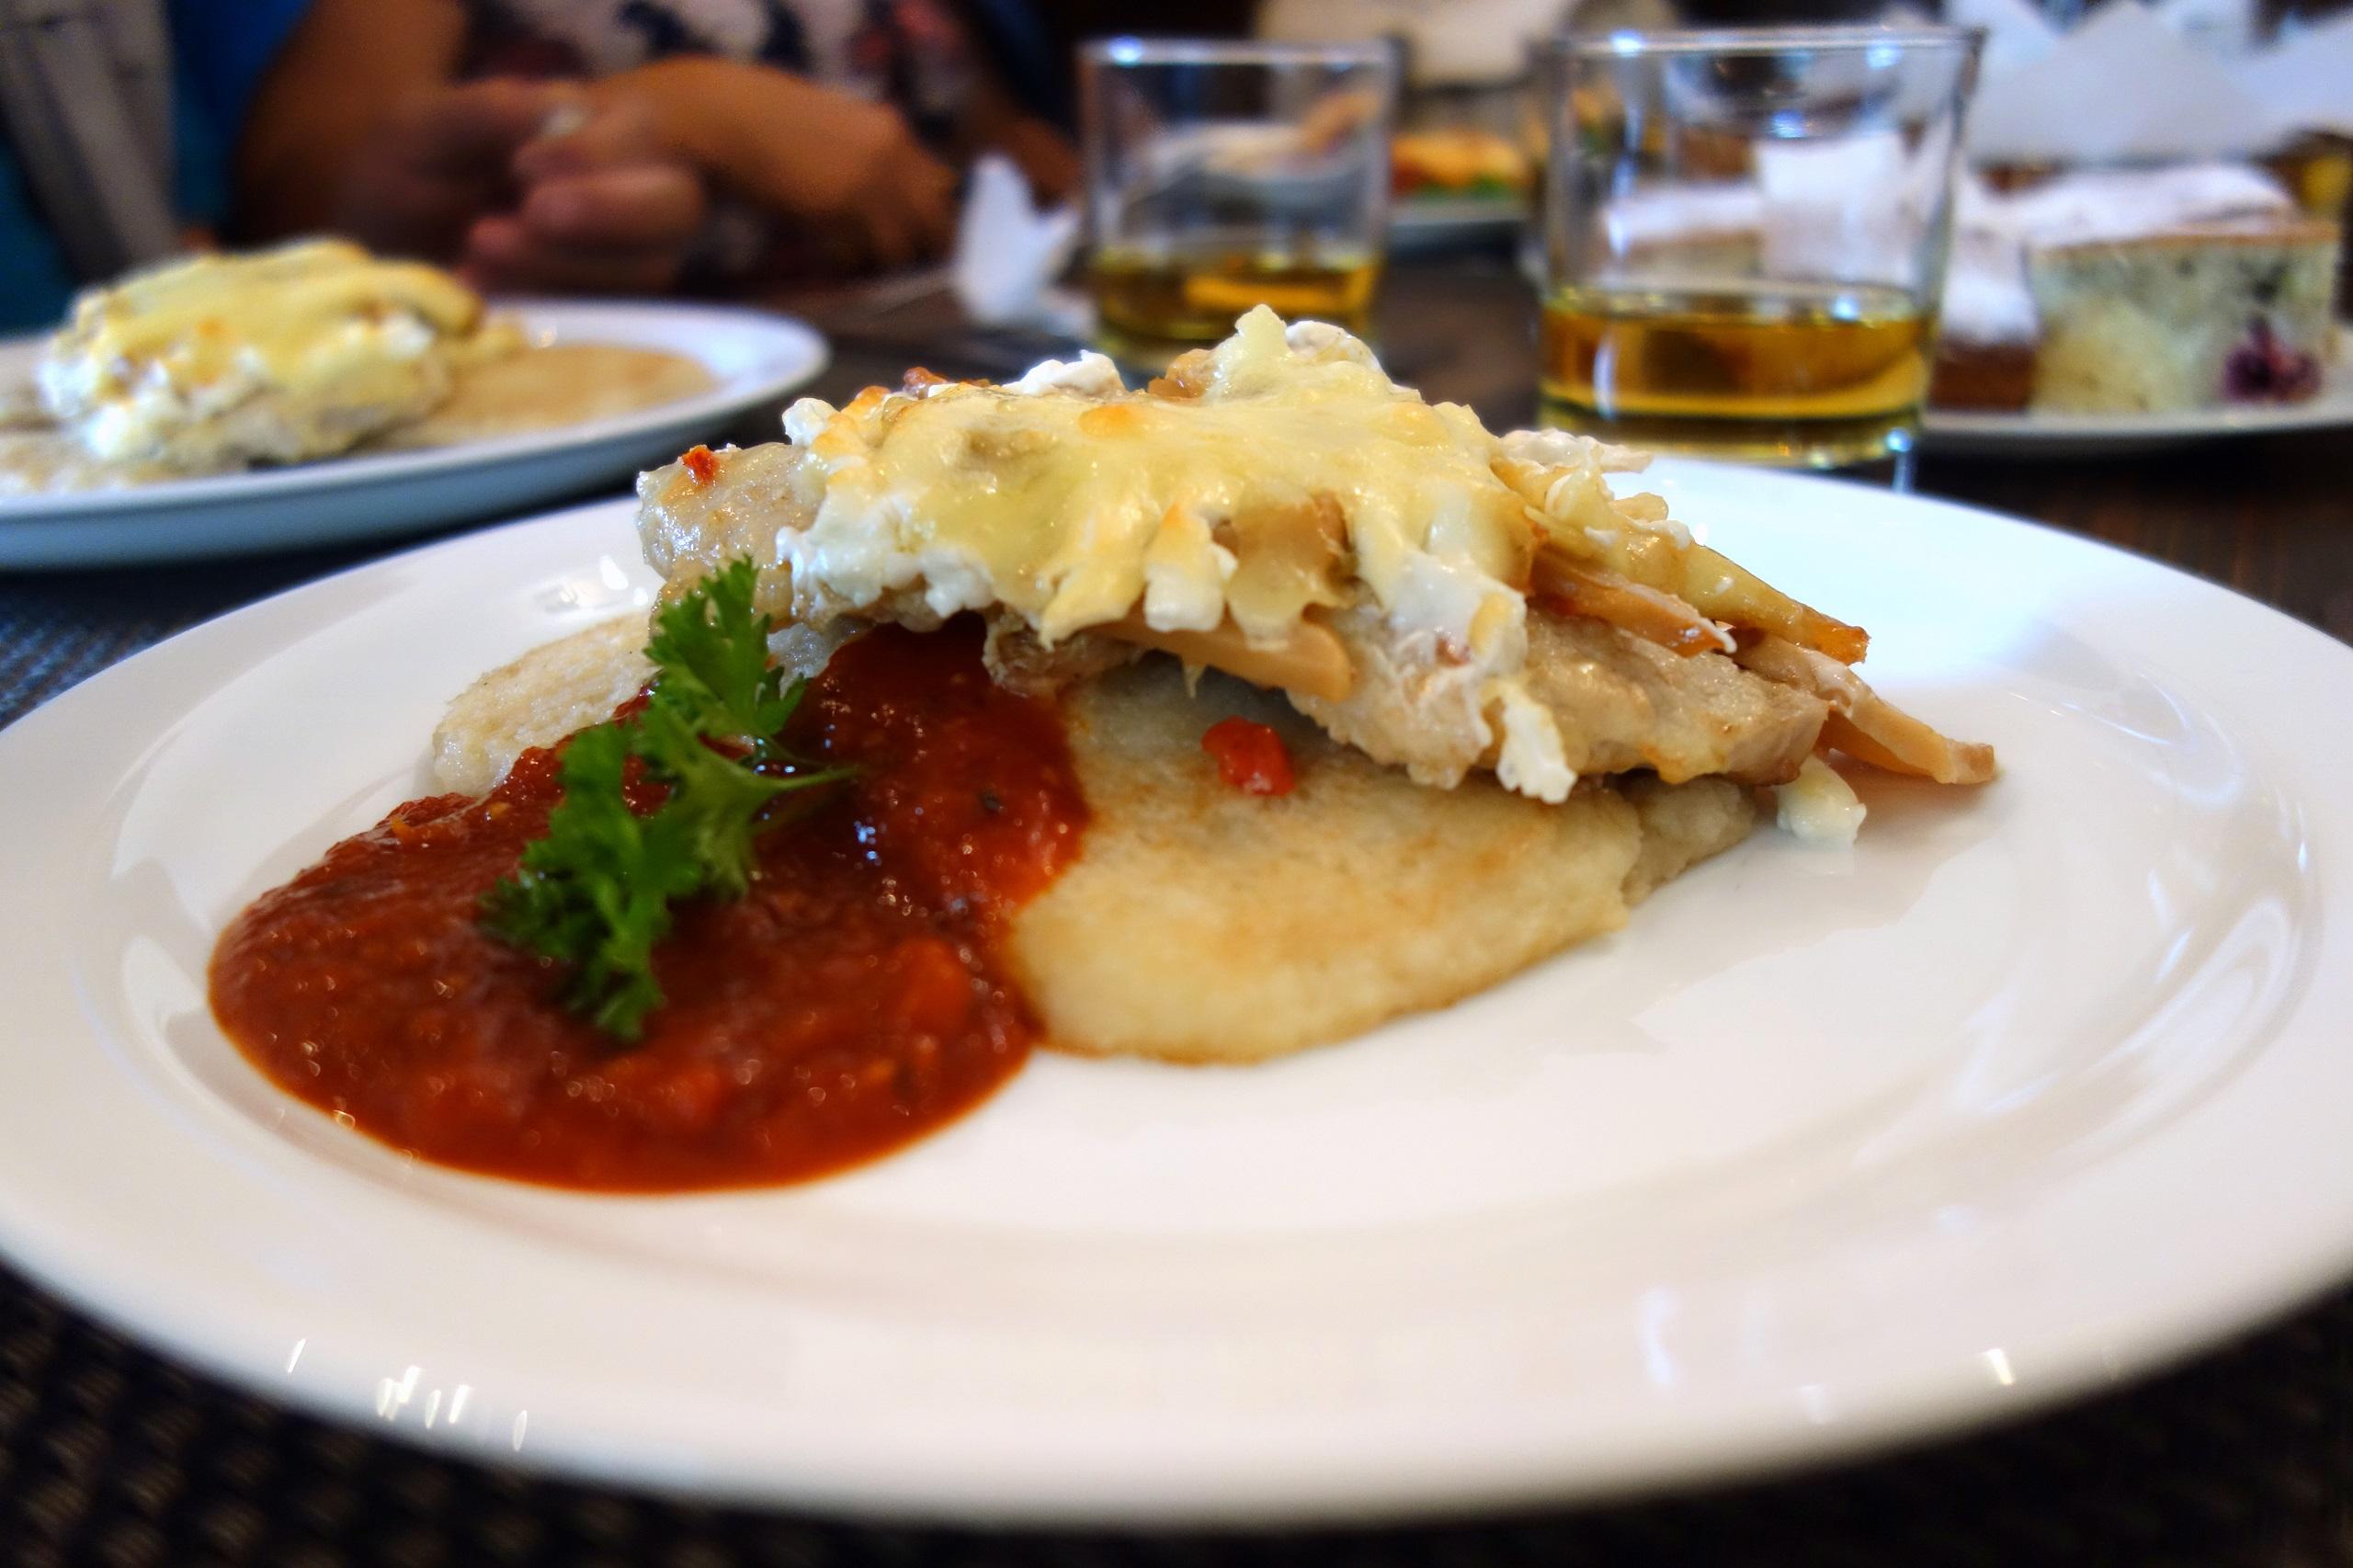 Kuchnia białoruska - placki ziemniaczane z kotletem schabowym zapiekanym w serze i pieczarkach